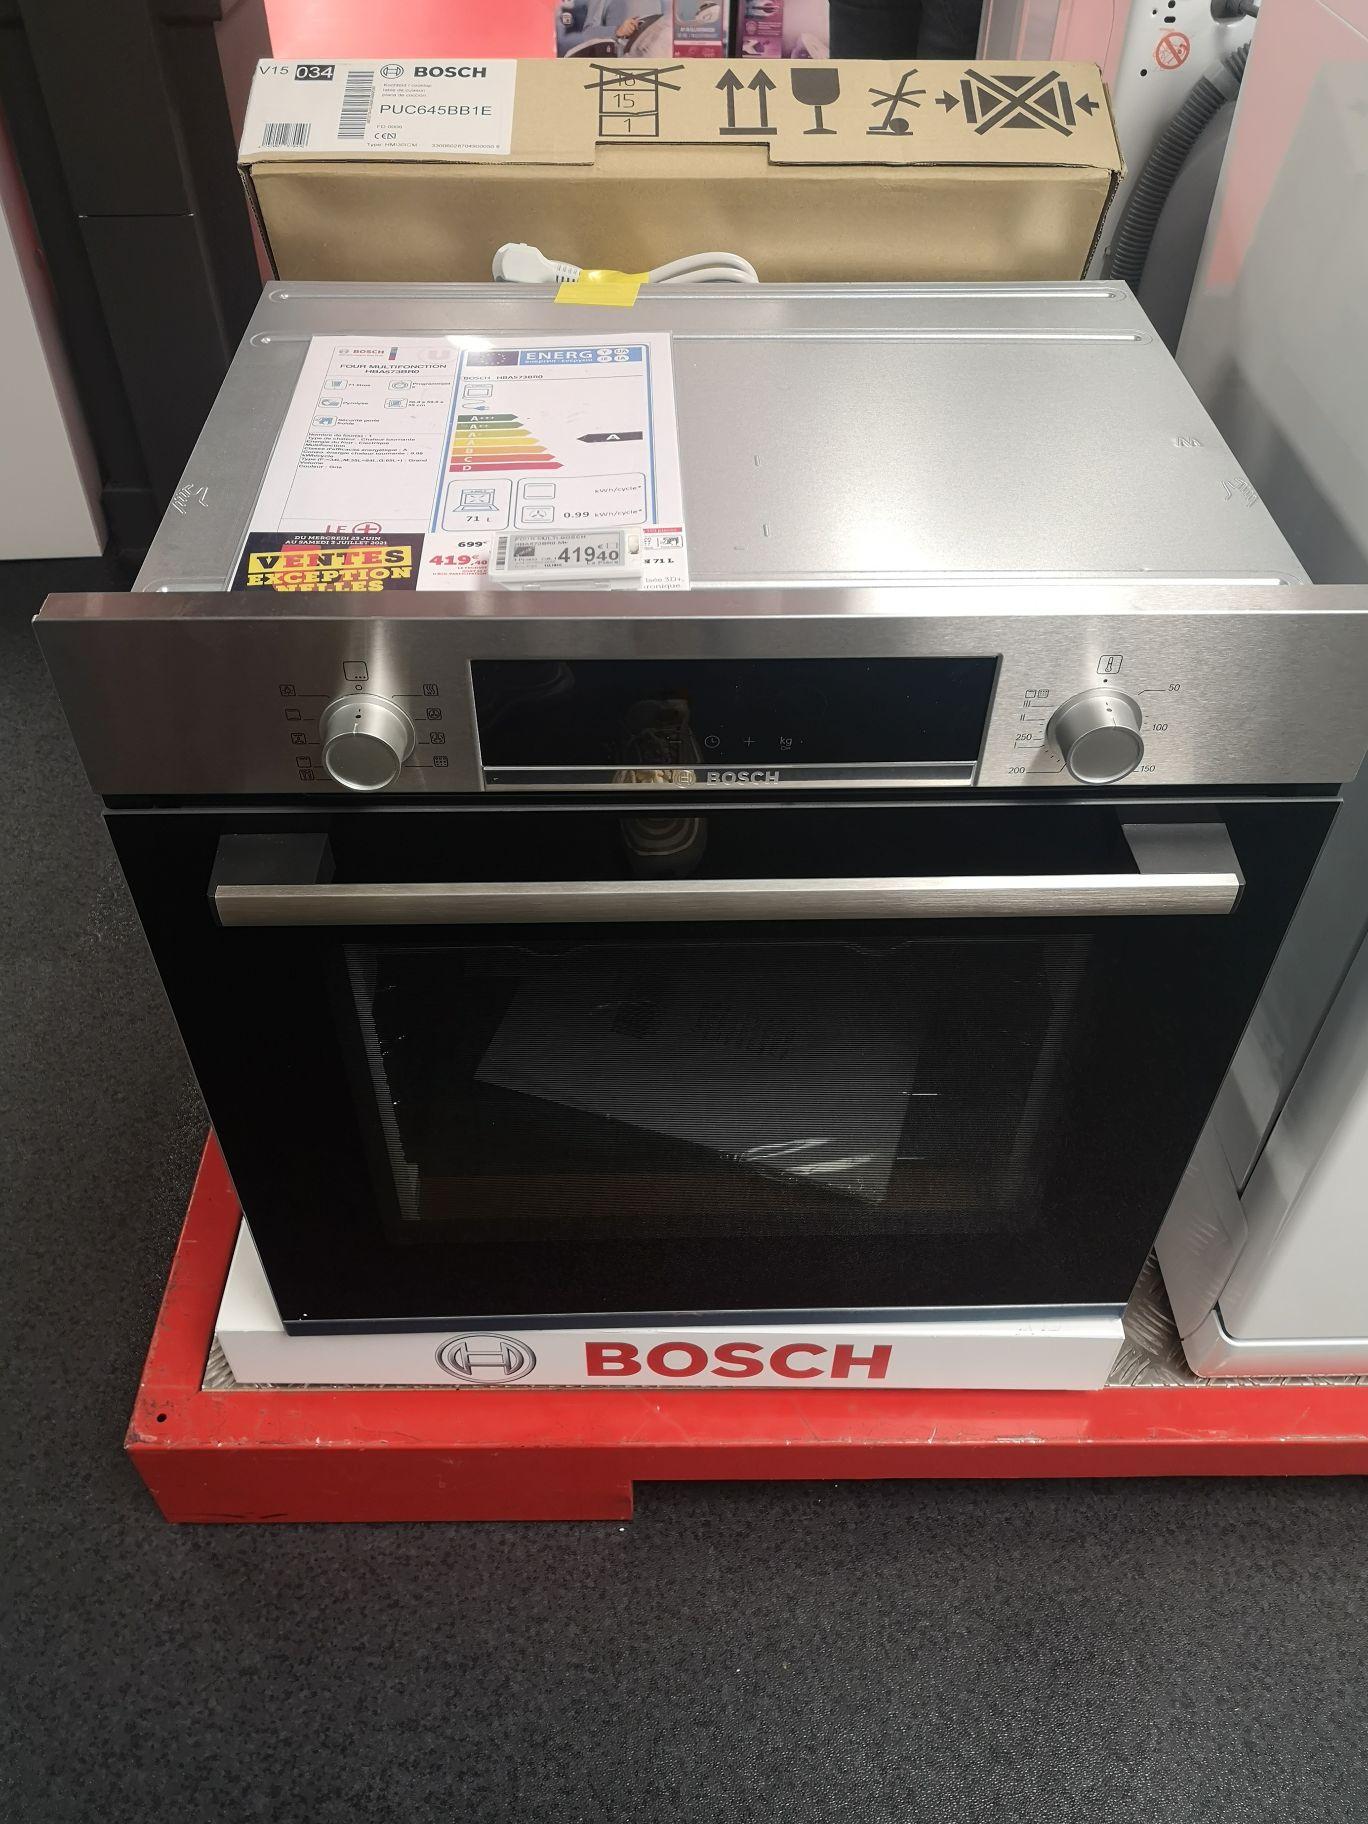 Four électrique à pyrolyse encastrable Bosch HBA573BR0 - Air pulsé 3D+, 71 L - Hyper U Beaulieu (17)